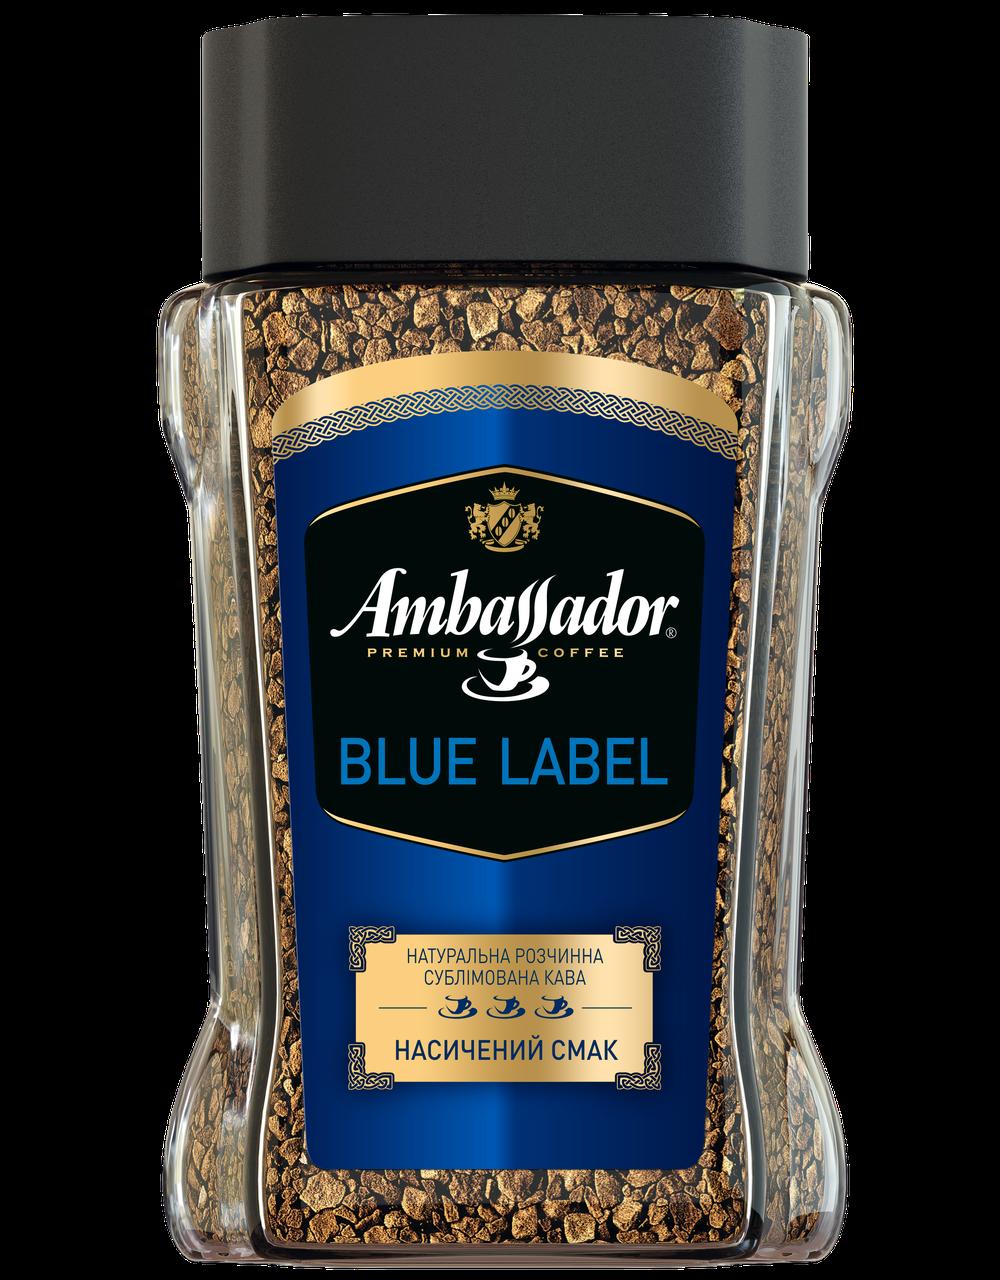 Кава Ambassador Blue Label розчинний 190 г у скляній банці